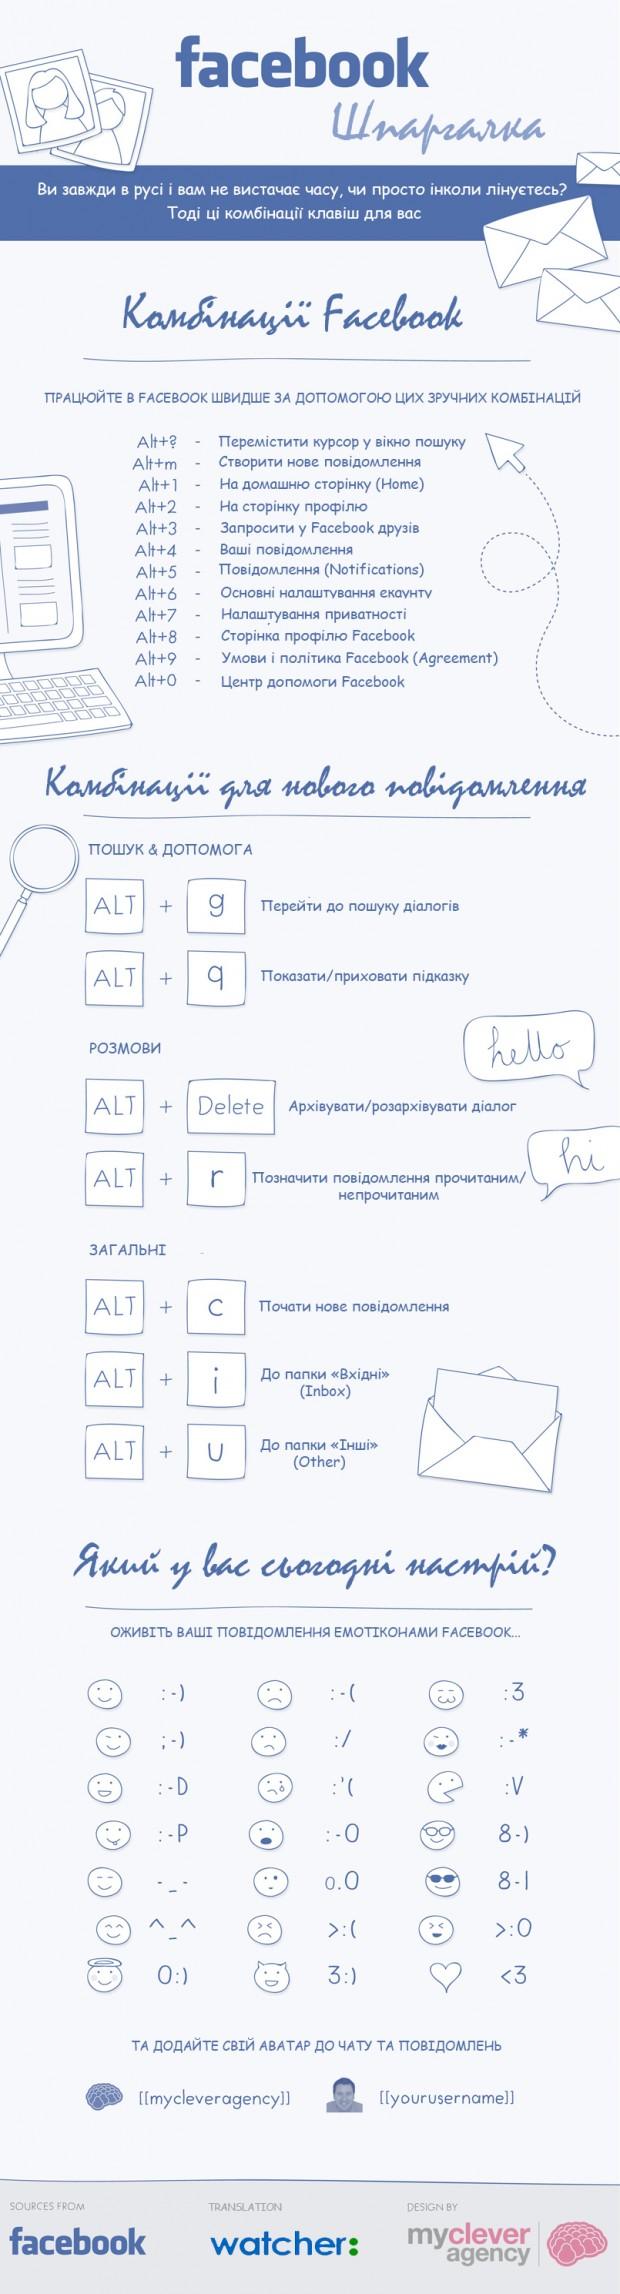 Шпаргалка для Facebook: основні комбінації клавіш